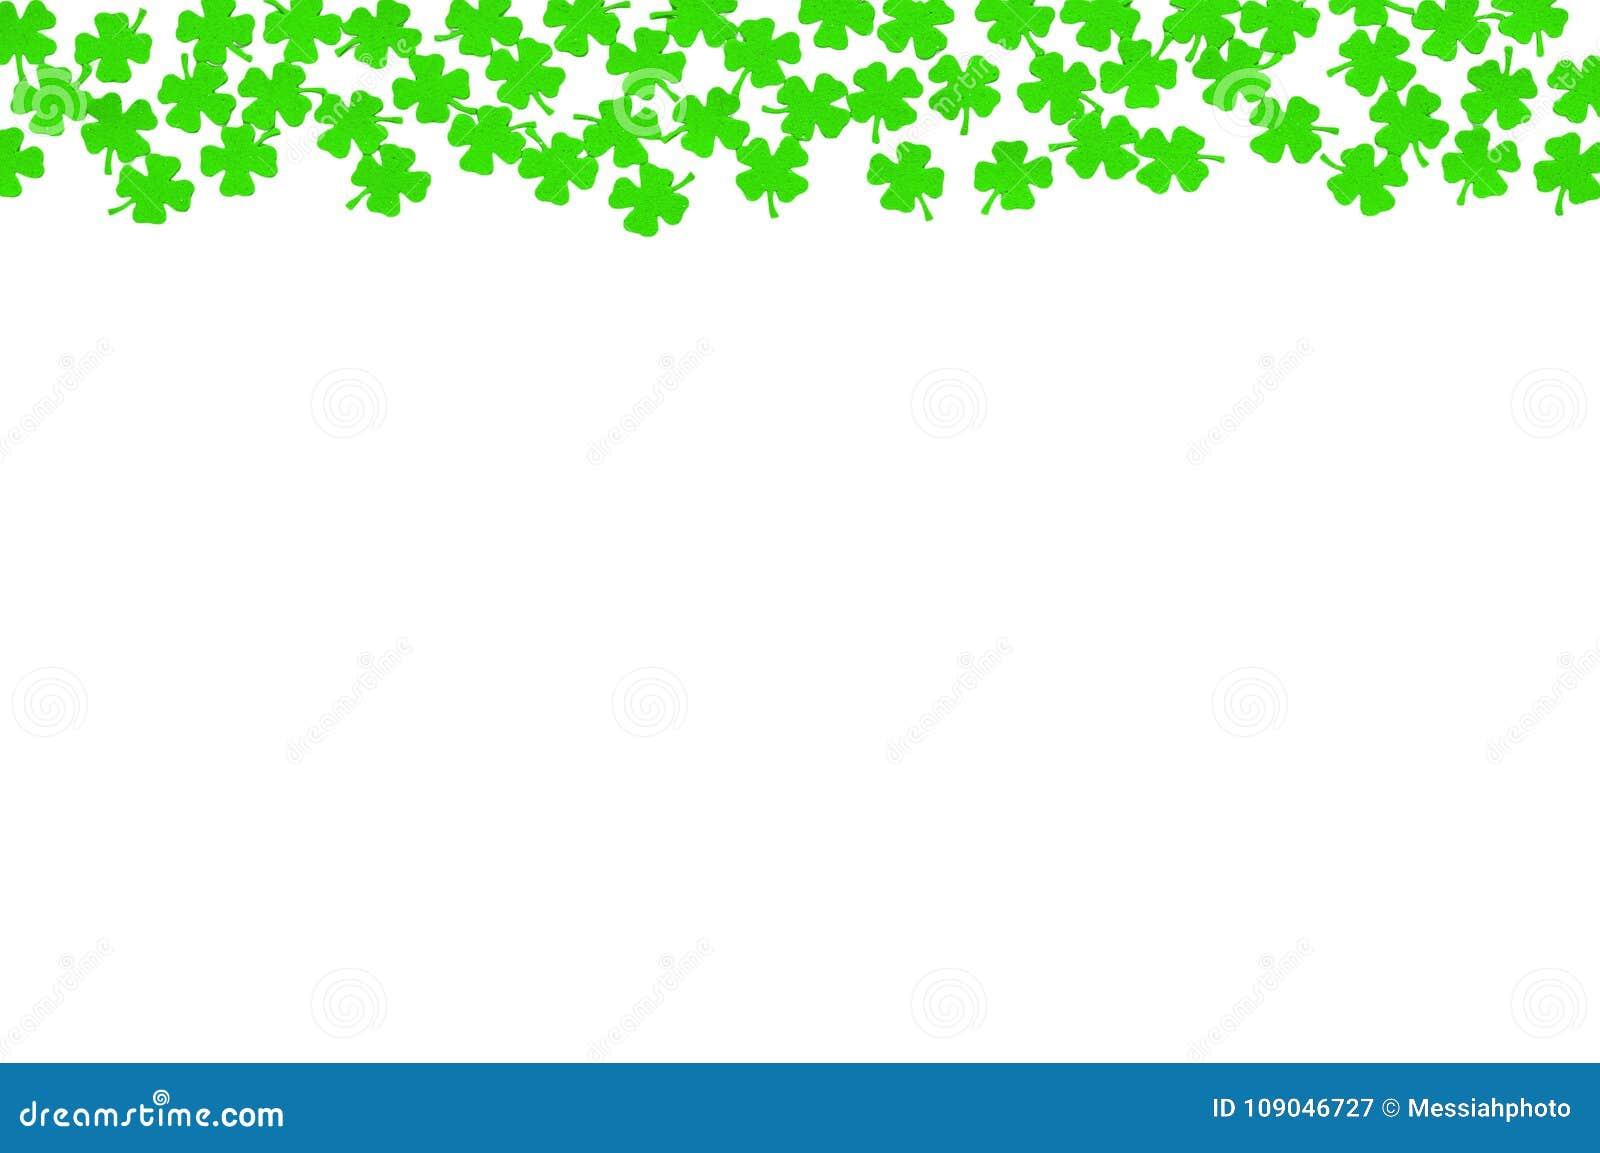 St Patricks Day festive background - upper border of green quatrefoils isolated on white